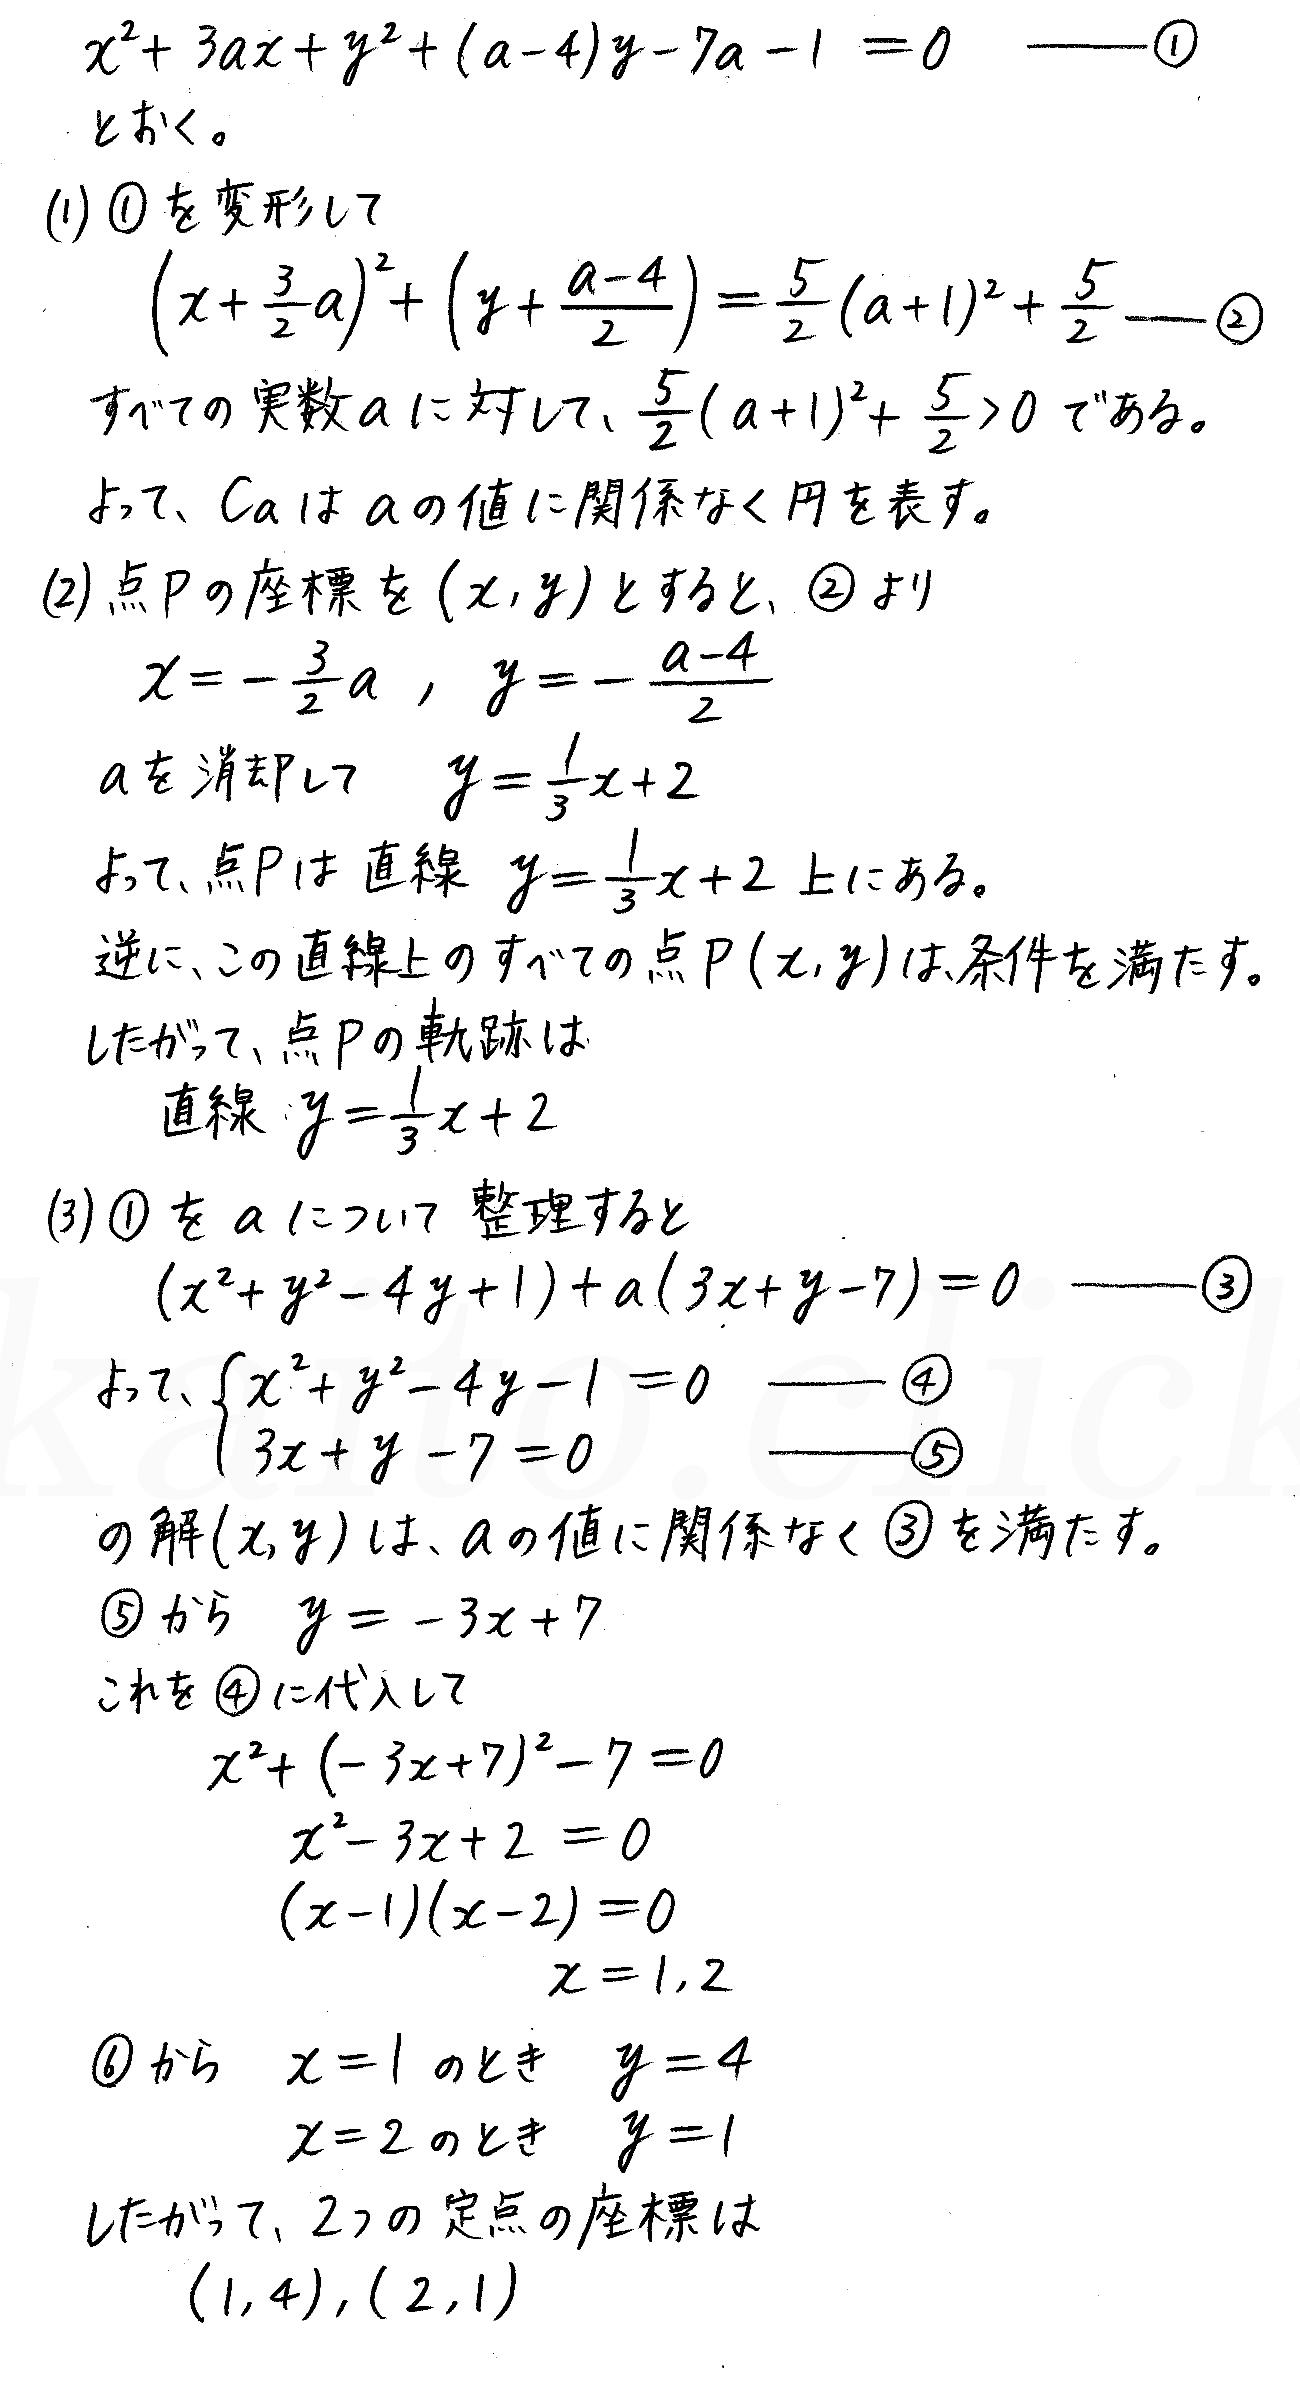 改訂版4プロセス数学2-演習29解答